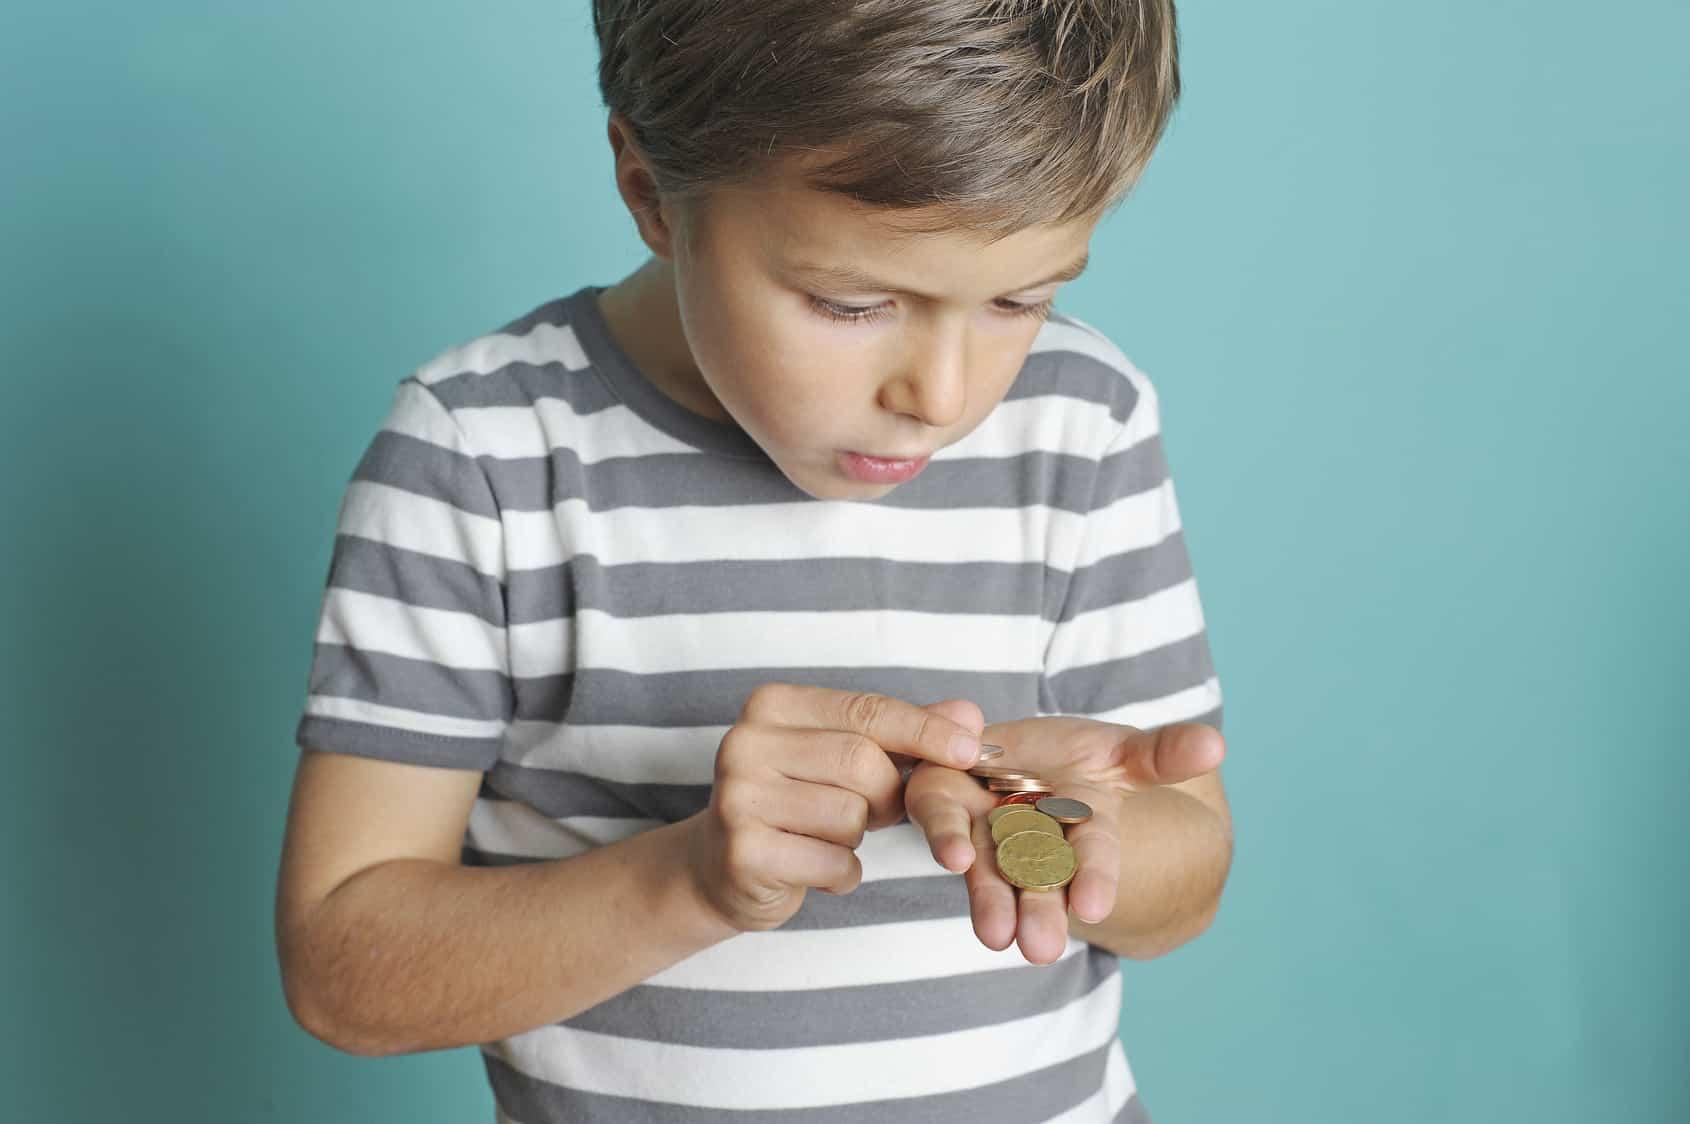 алименты в фиксируемой денежной сумме